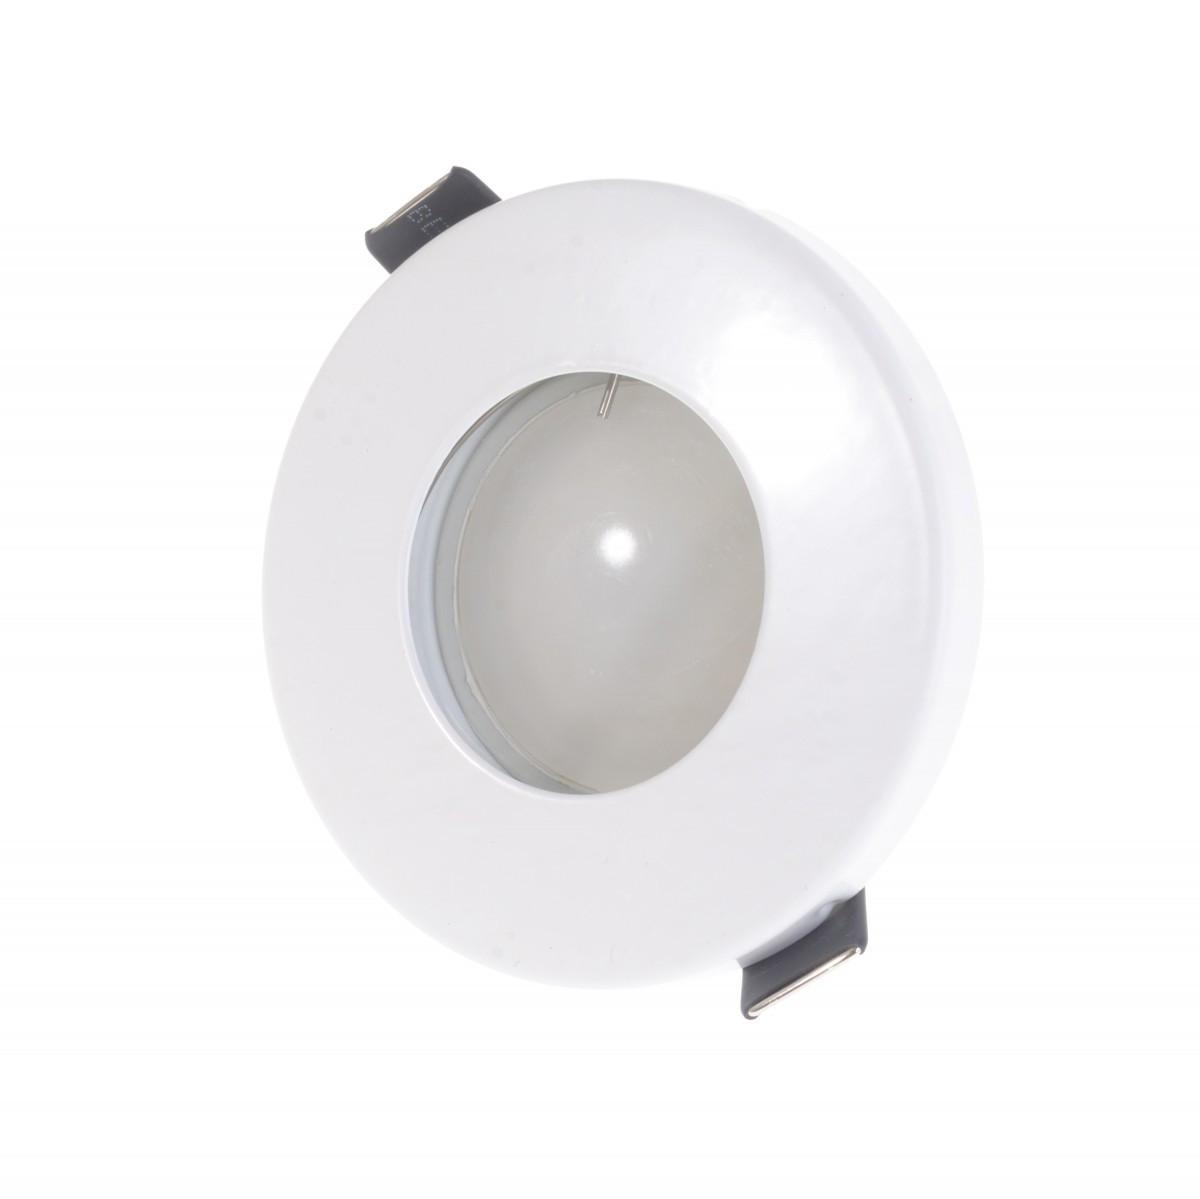 HDL-DS 81 IP44 WH светильник точечный